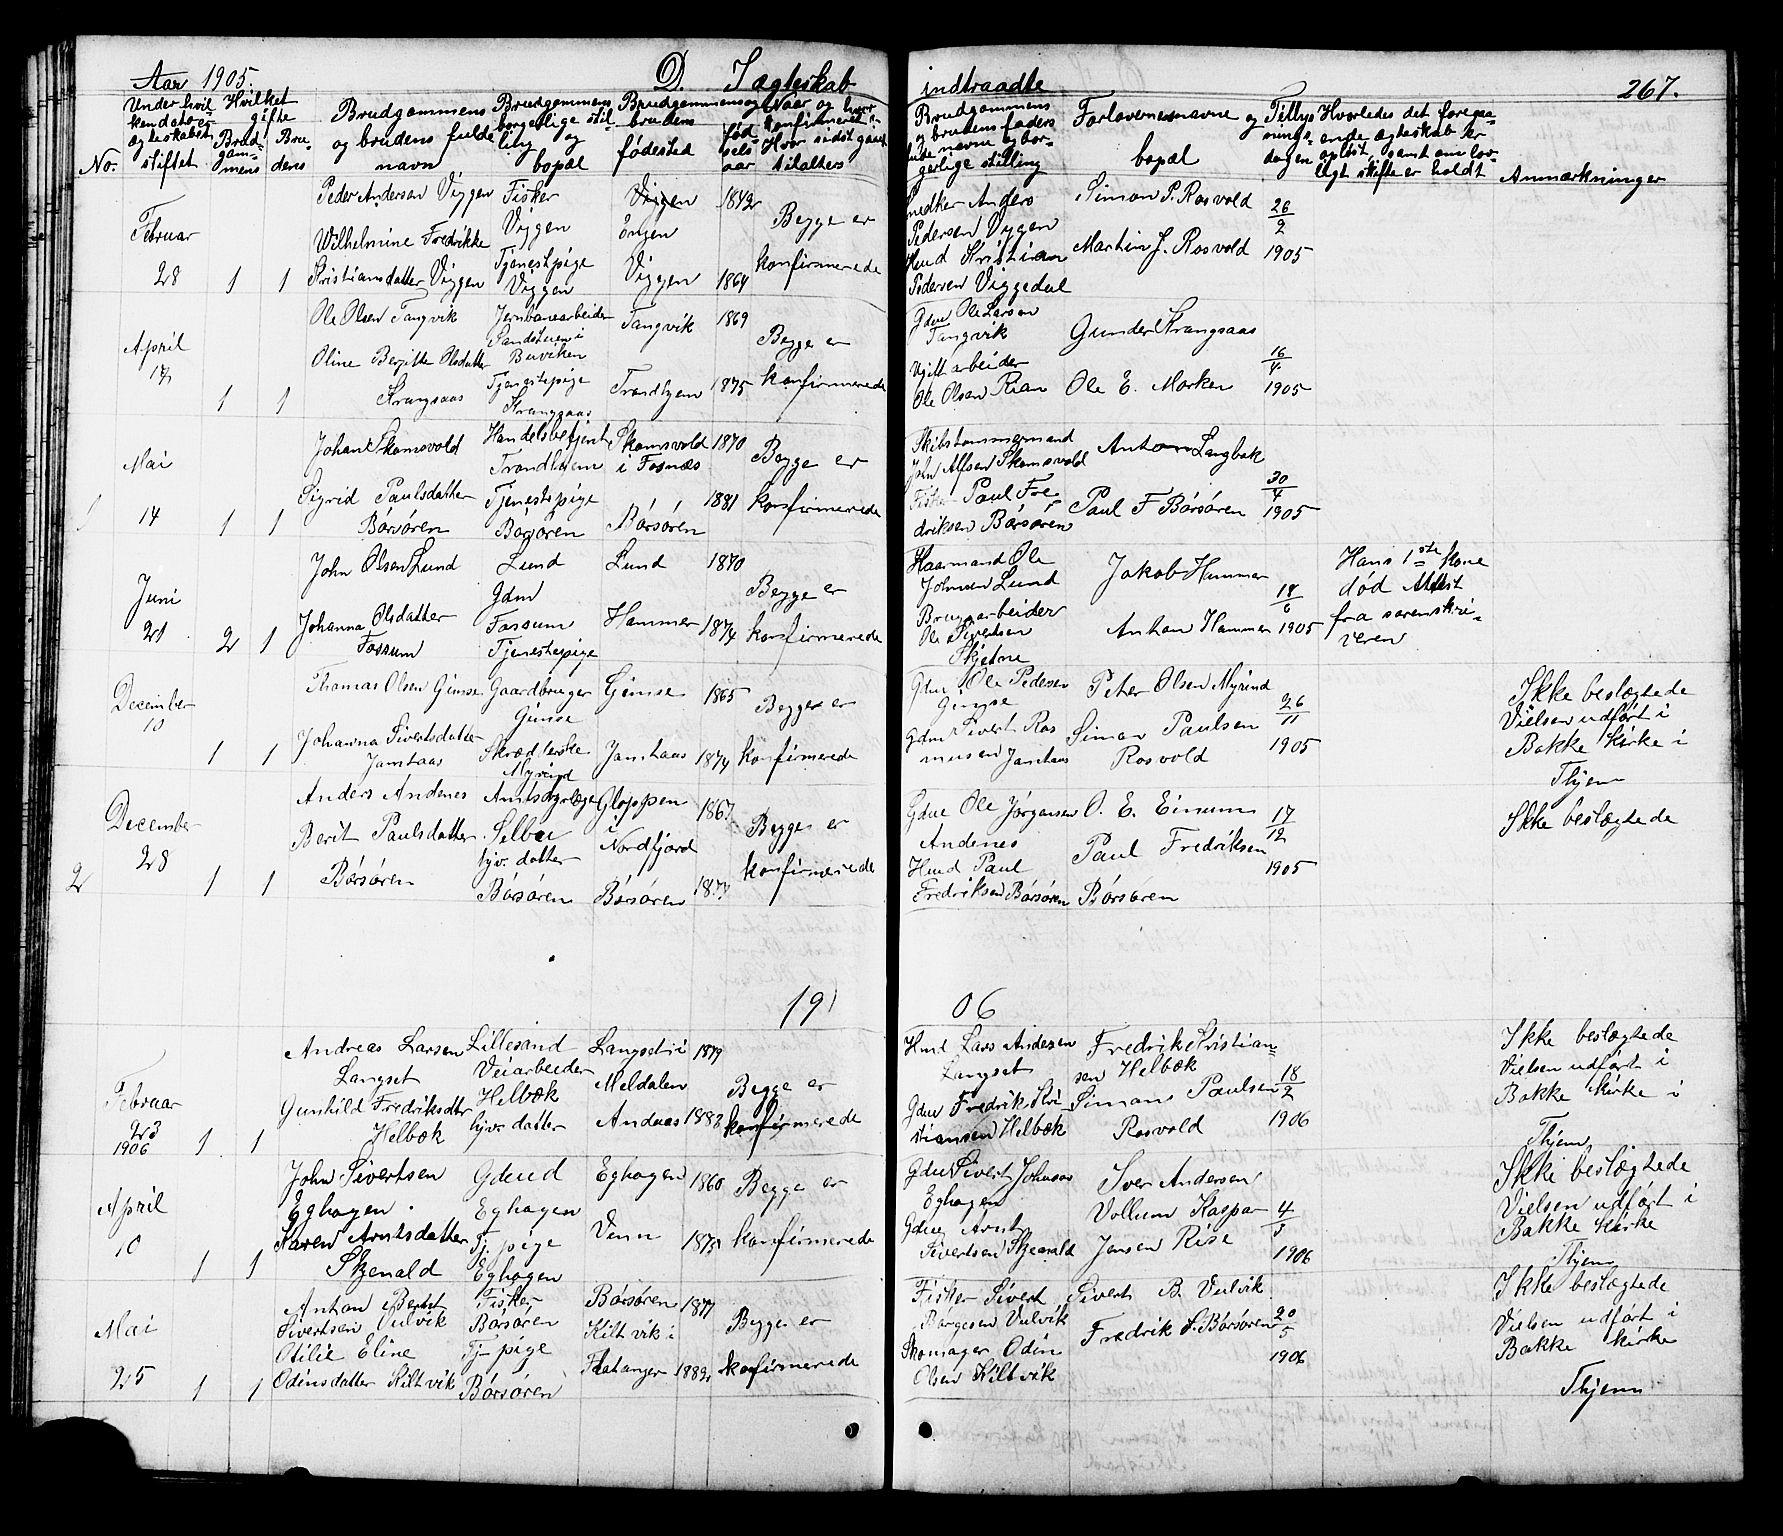 SAT, Ministerialprotokoller, klokkerbøker og fødselsregistre - Sør-Trøndelag, 665/L0777: Klokkerbok nr. 665C02, 1867-1915, s. 267